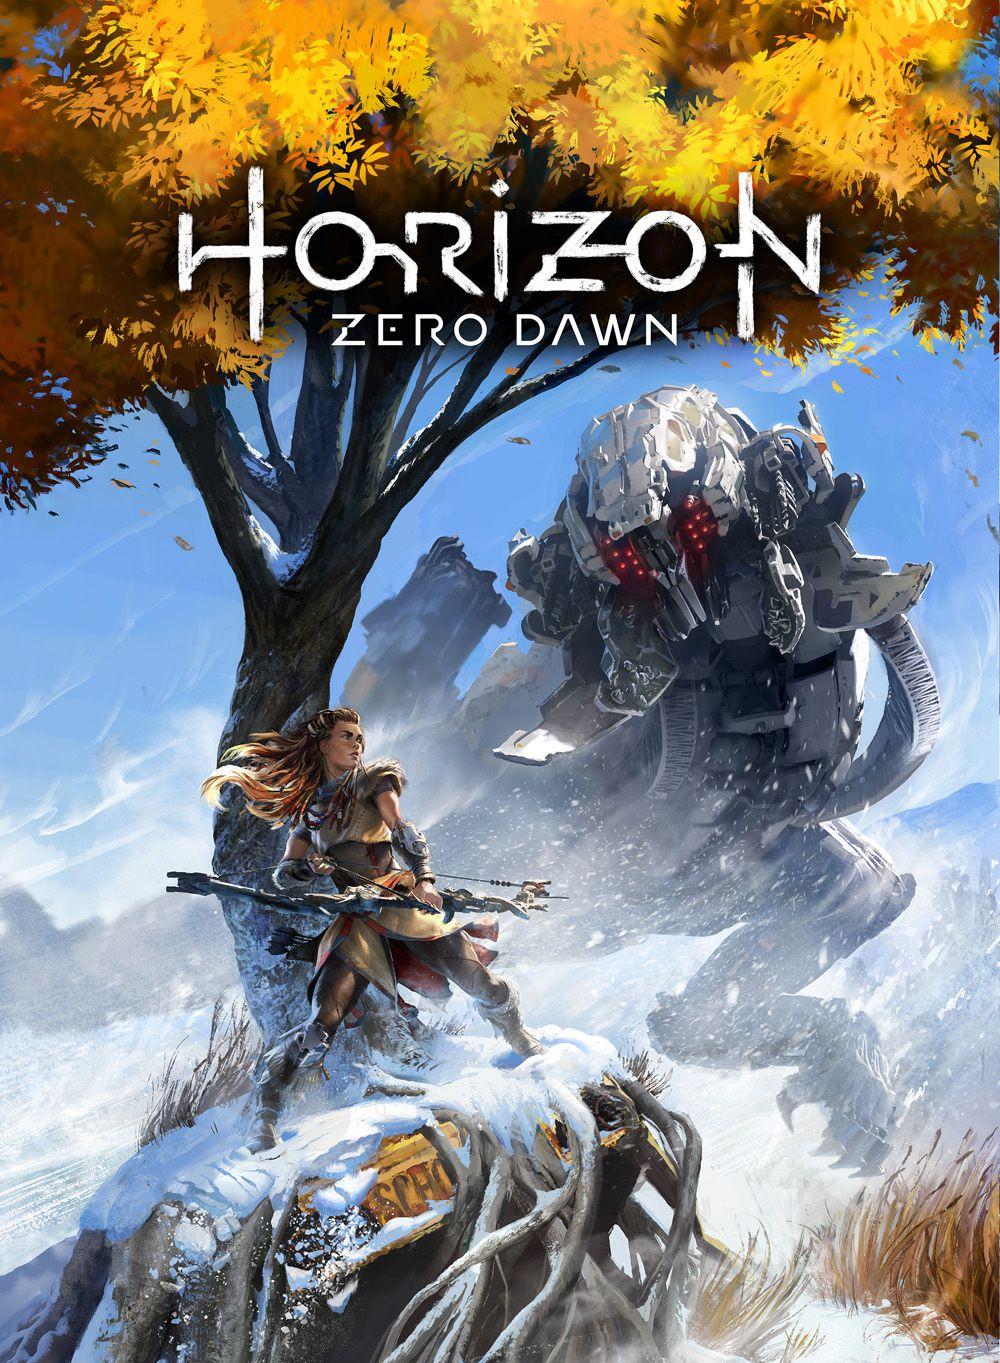 Horizon-Zero-Dawn-ps4-pc